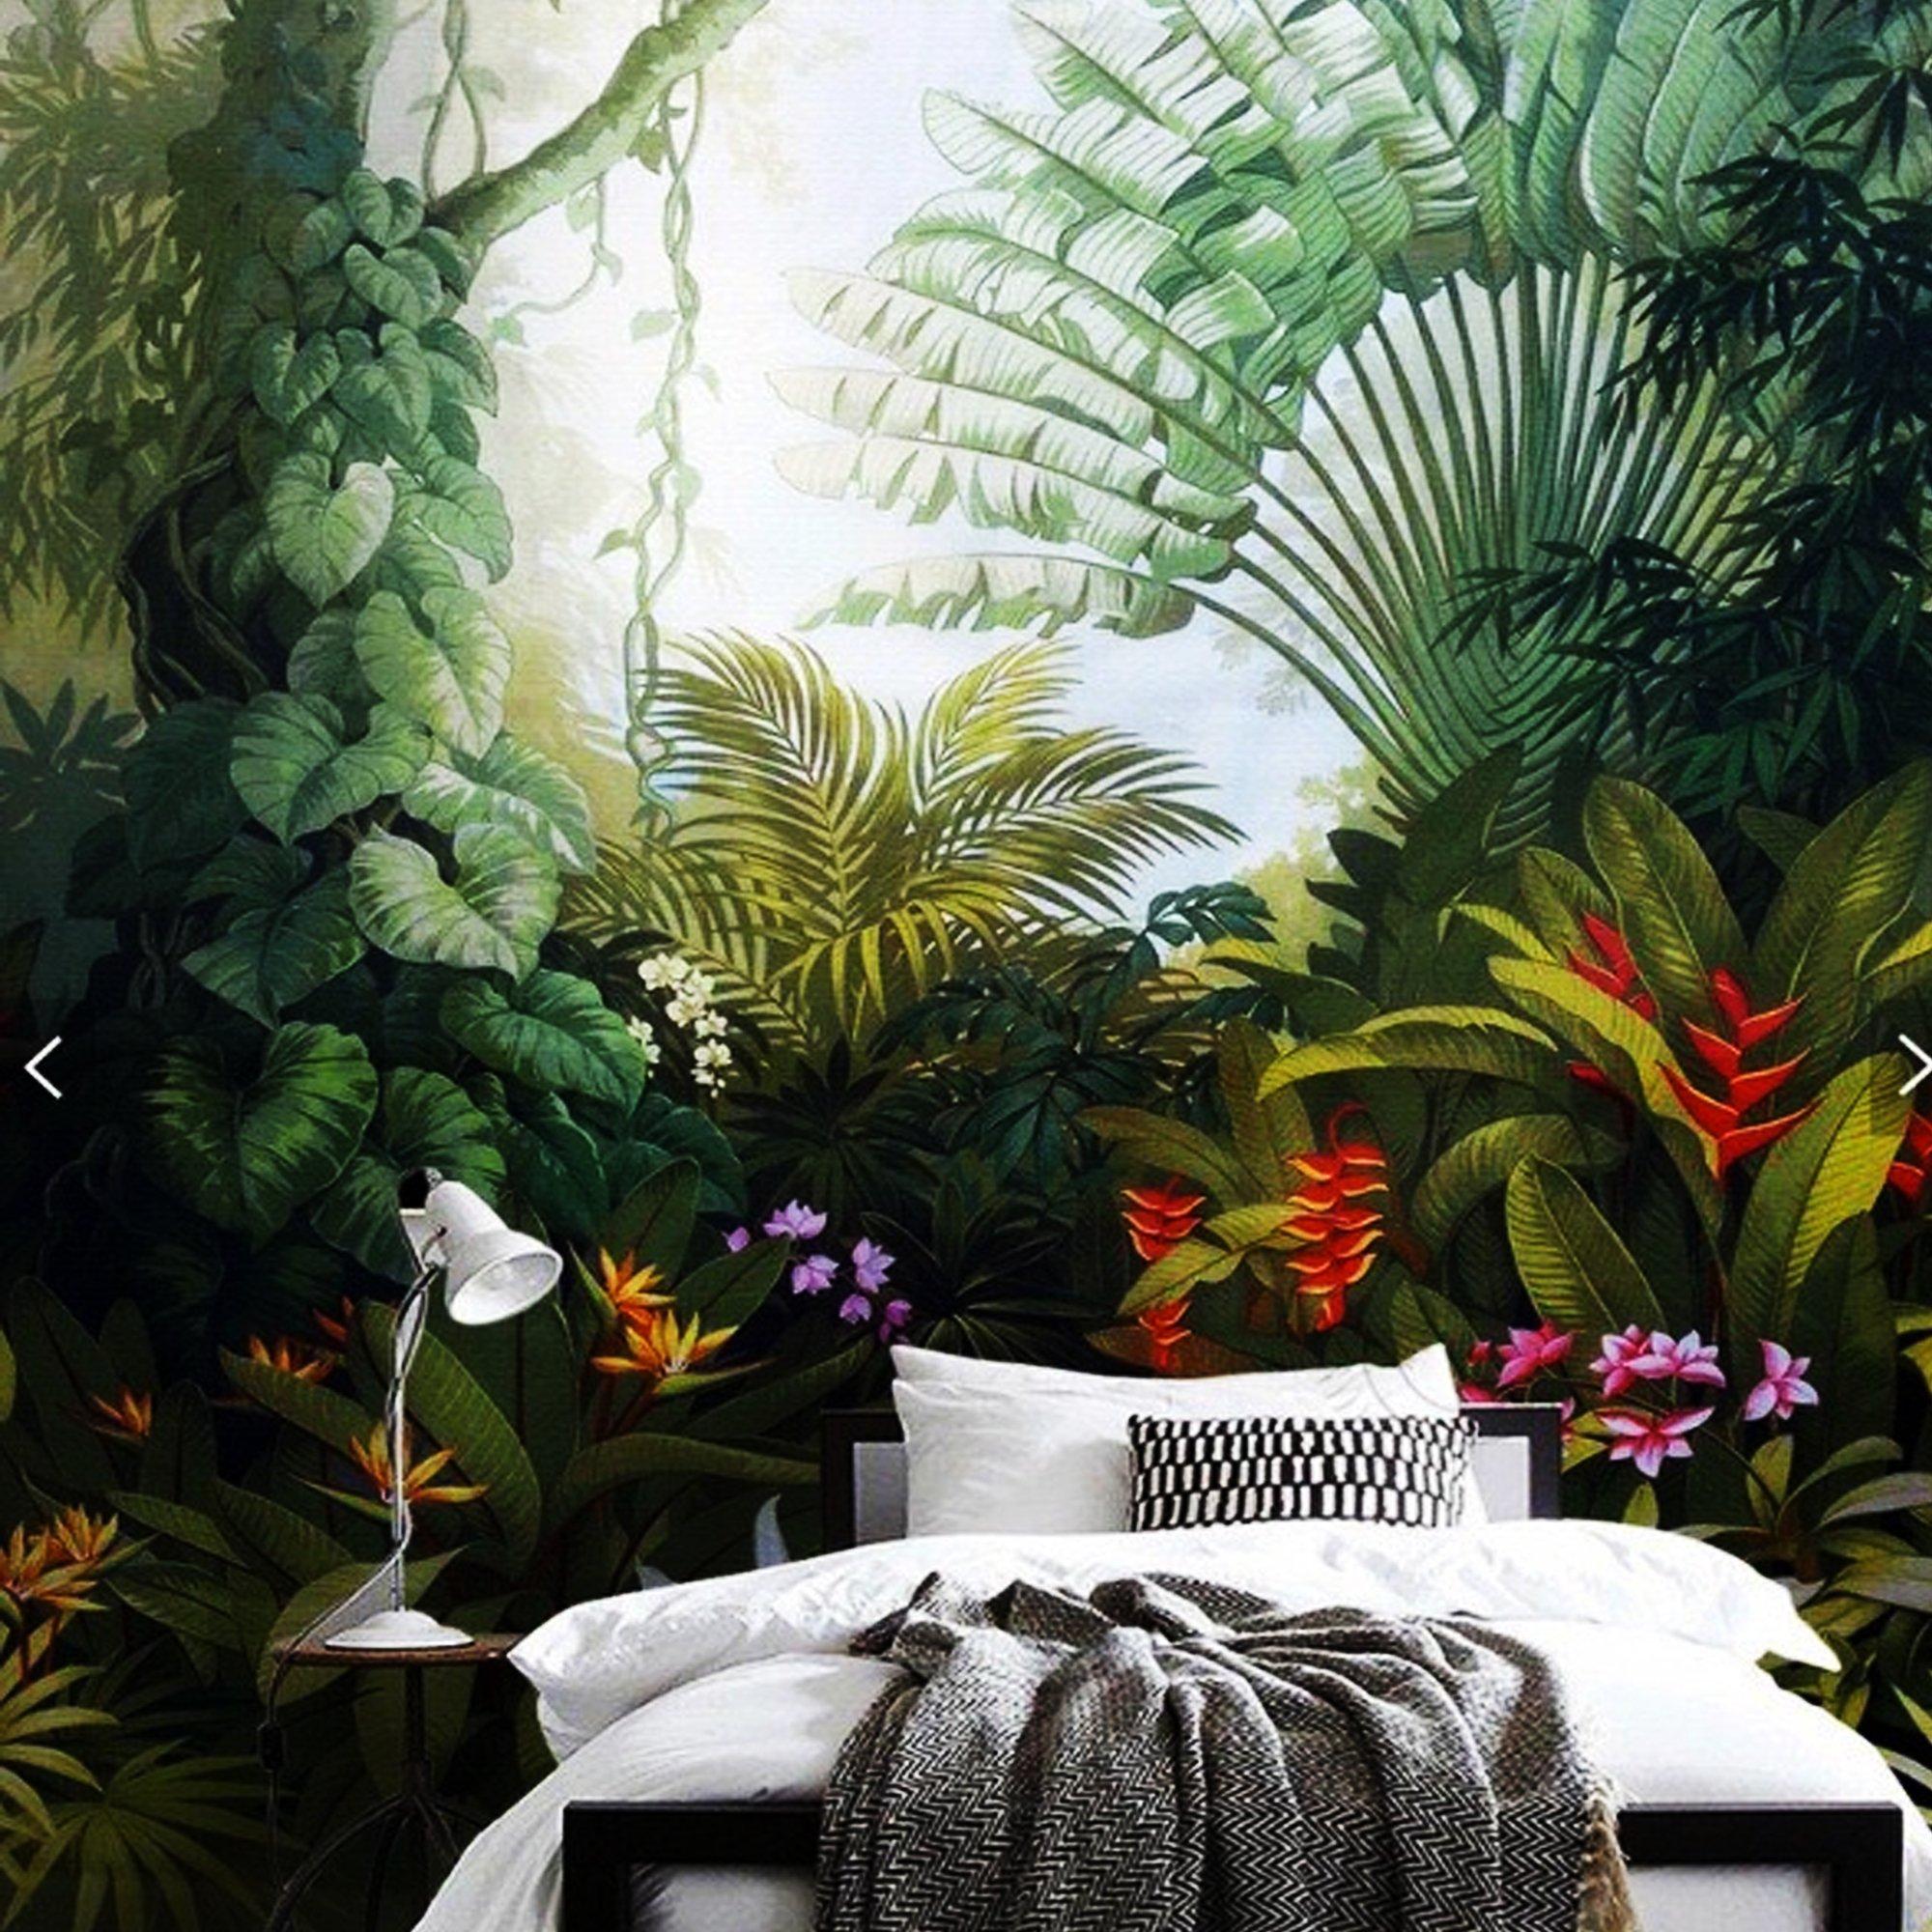 Tranh dán tường rừng nhiệt đới